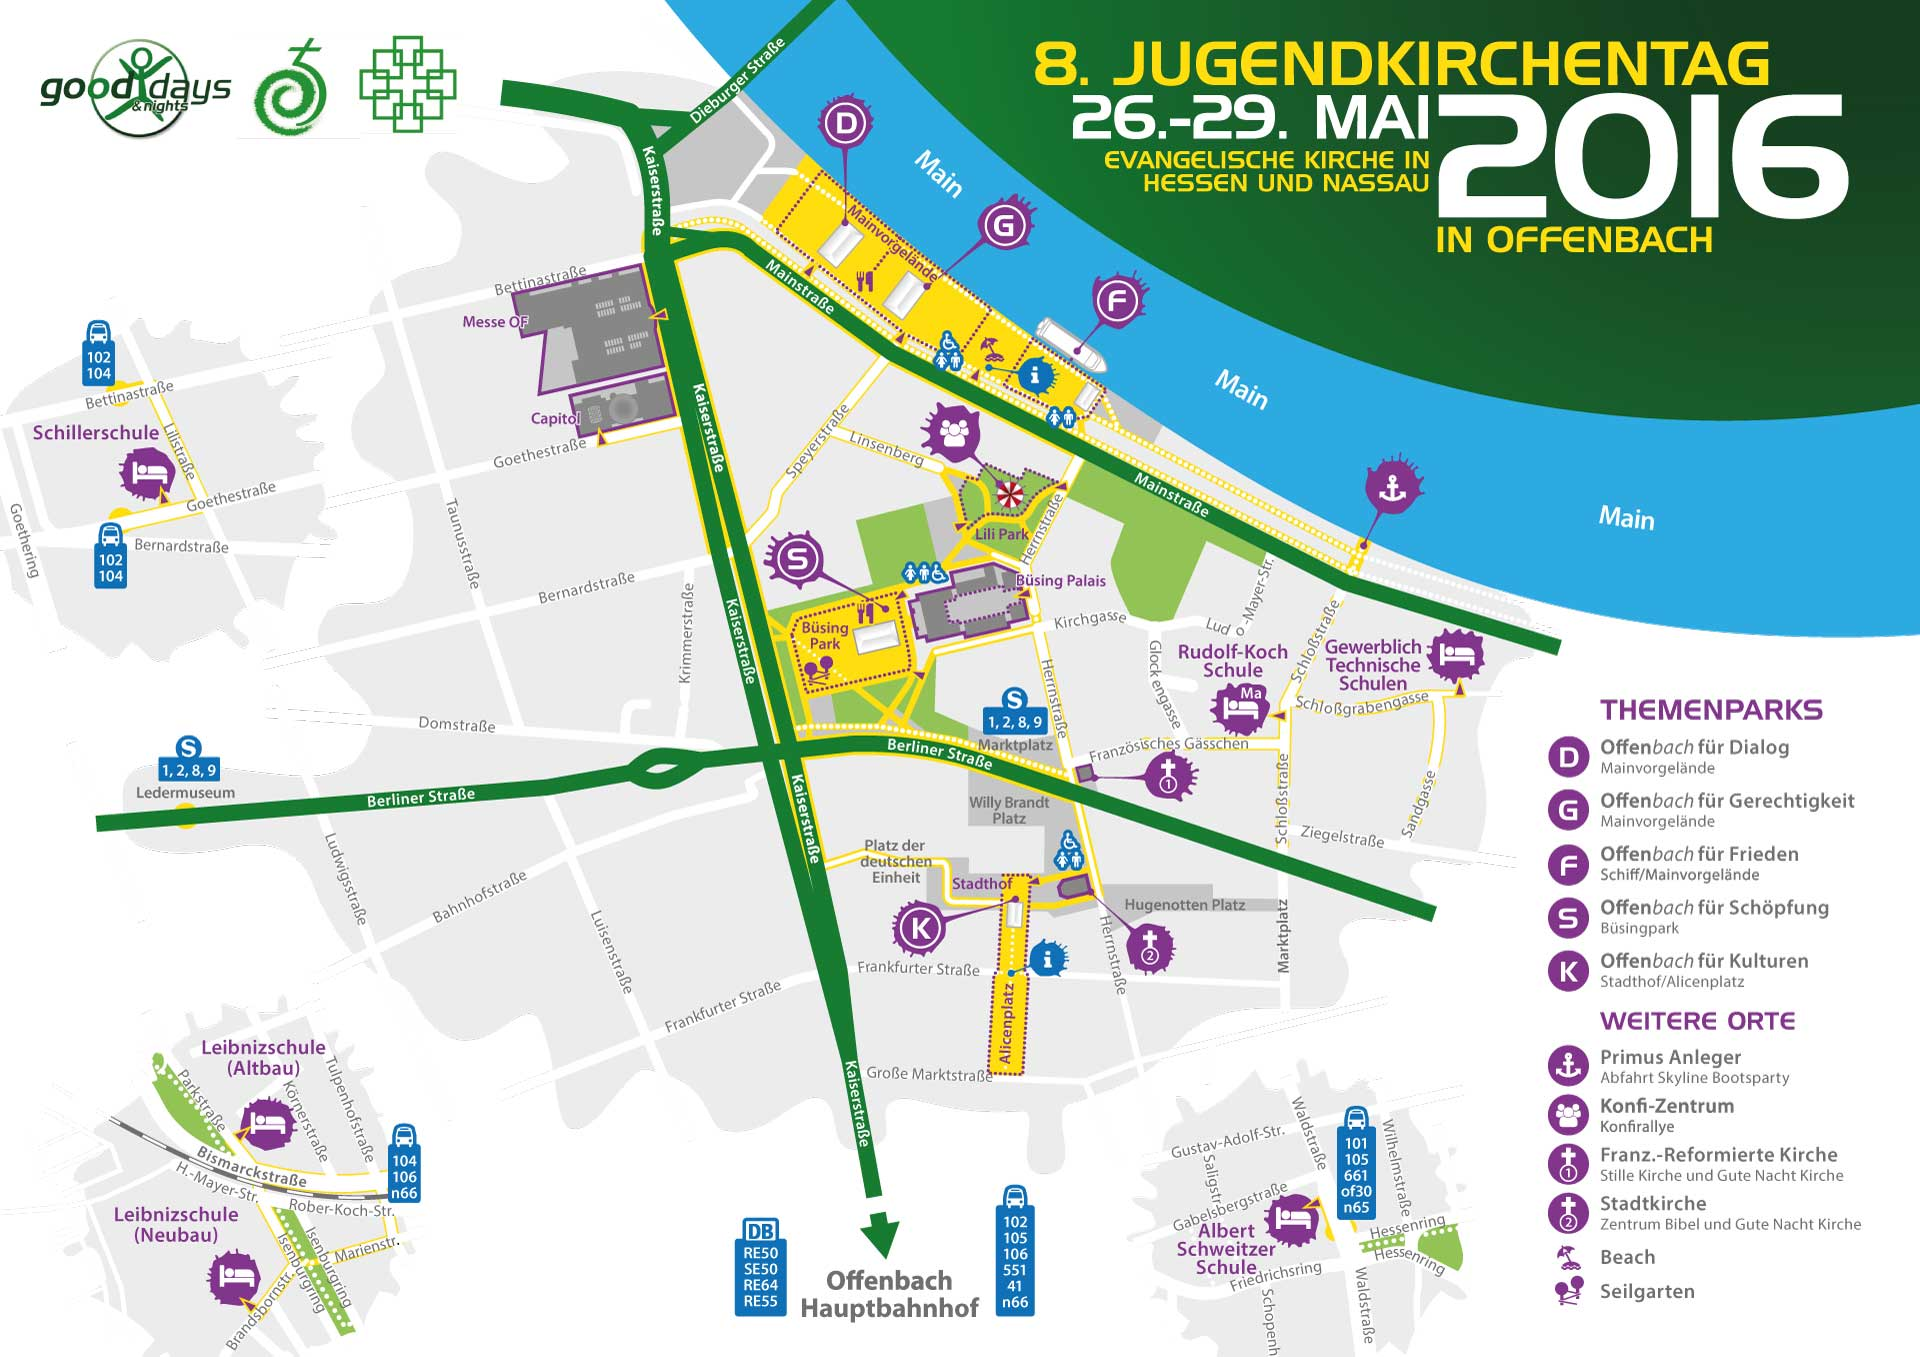 Orientierungskarte für die JUKT 2016 Offenbach | Go(o)d days & nights